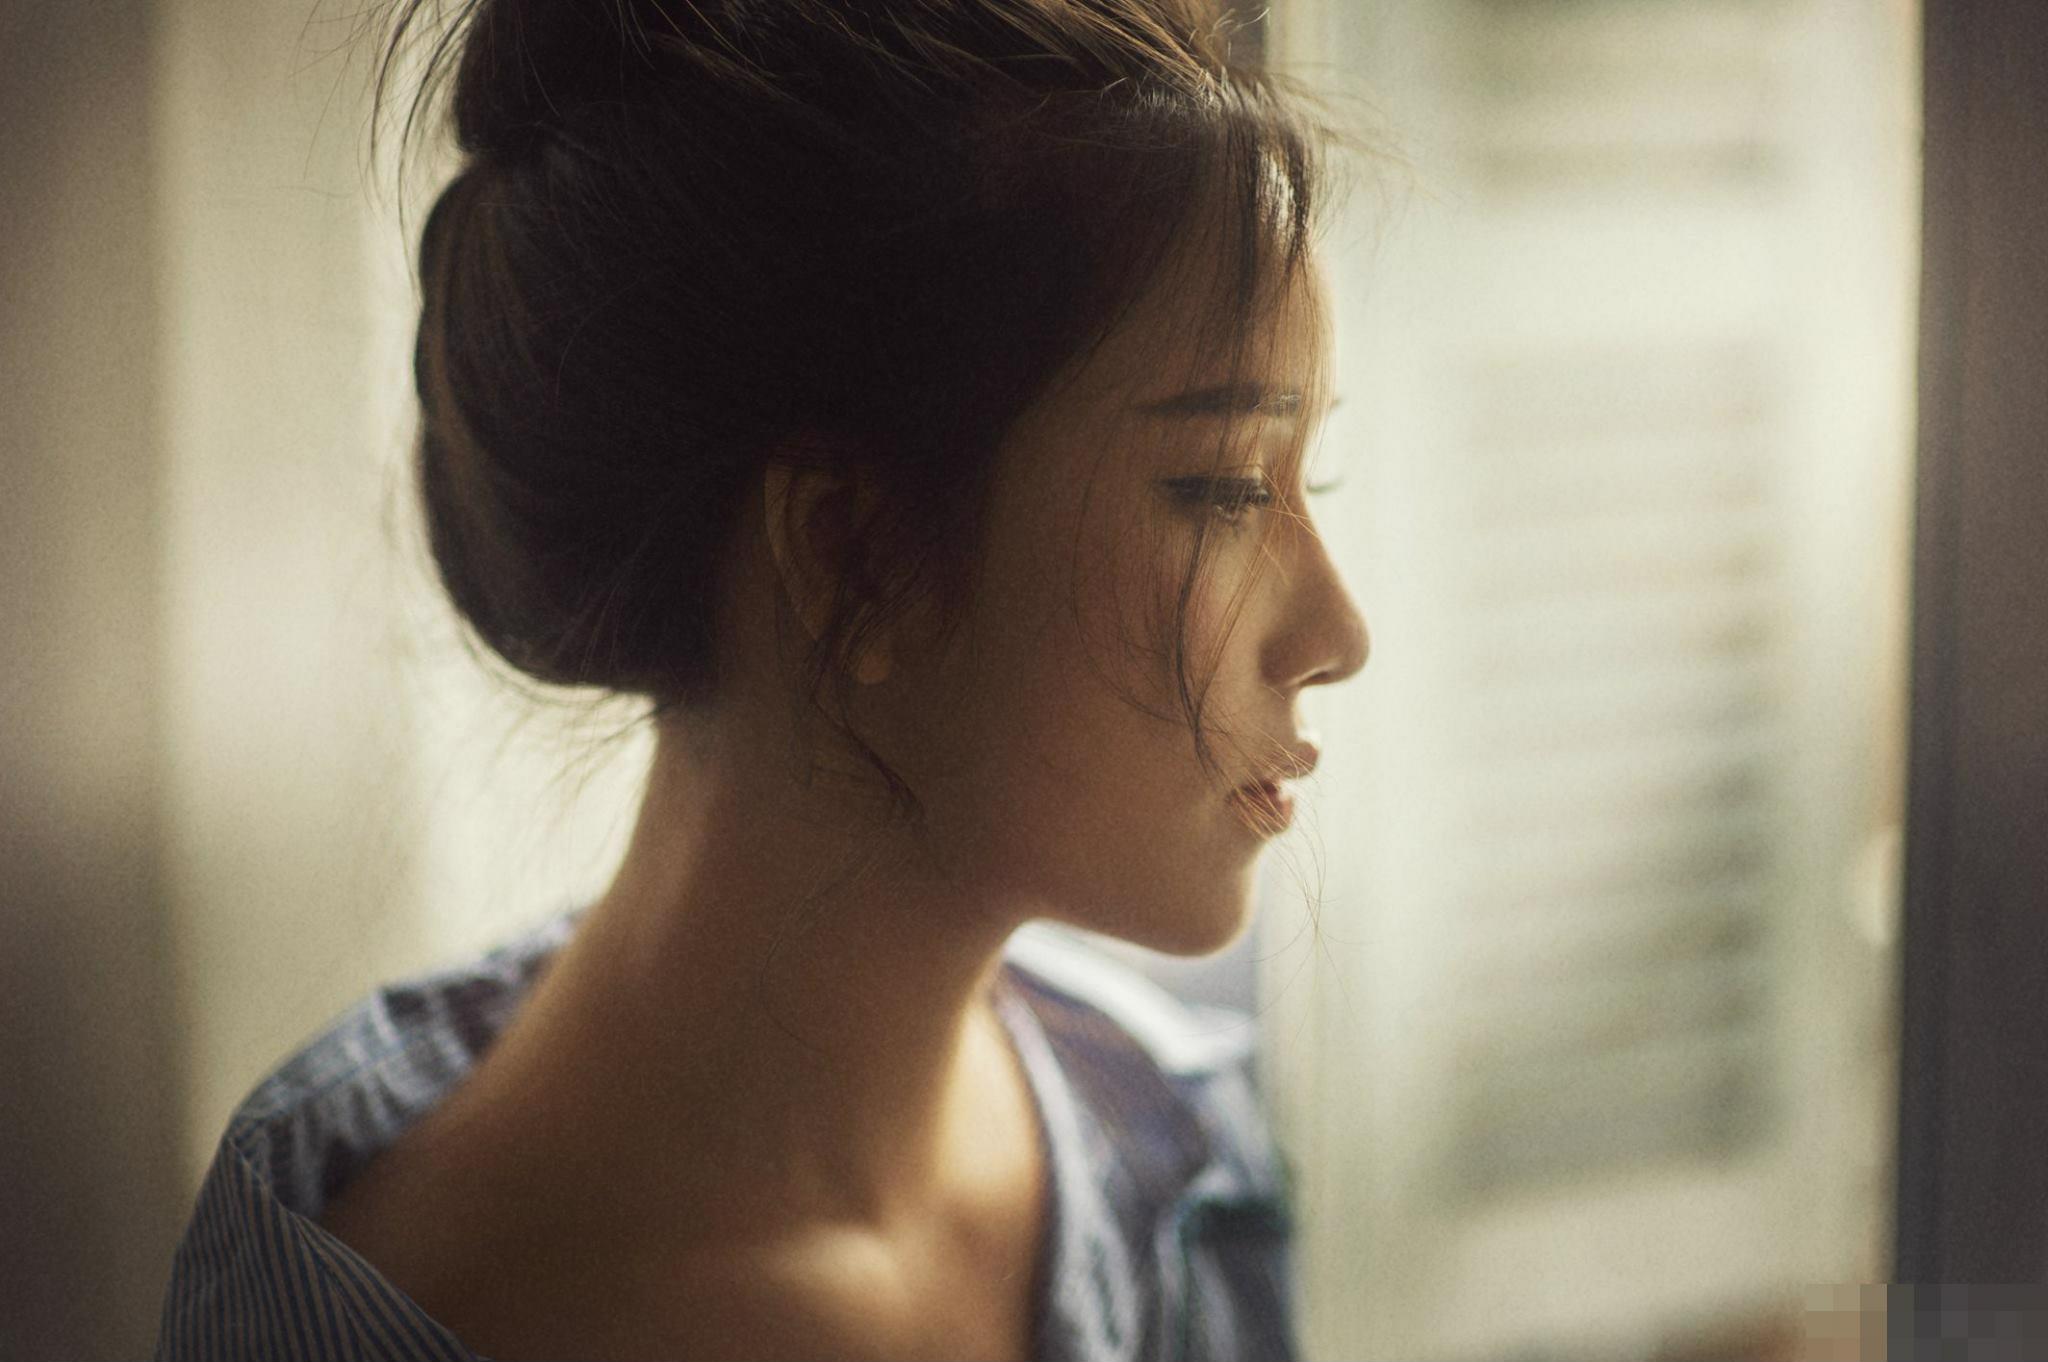 Đàn bà một đời chồng: Càng trải đủ, nghiệm đầy, tổn thương sâu càng mê đắm lòng người - Ảnh 4